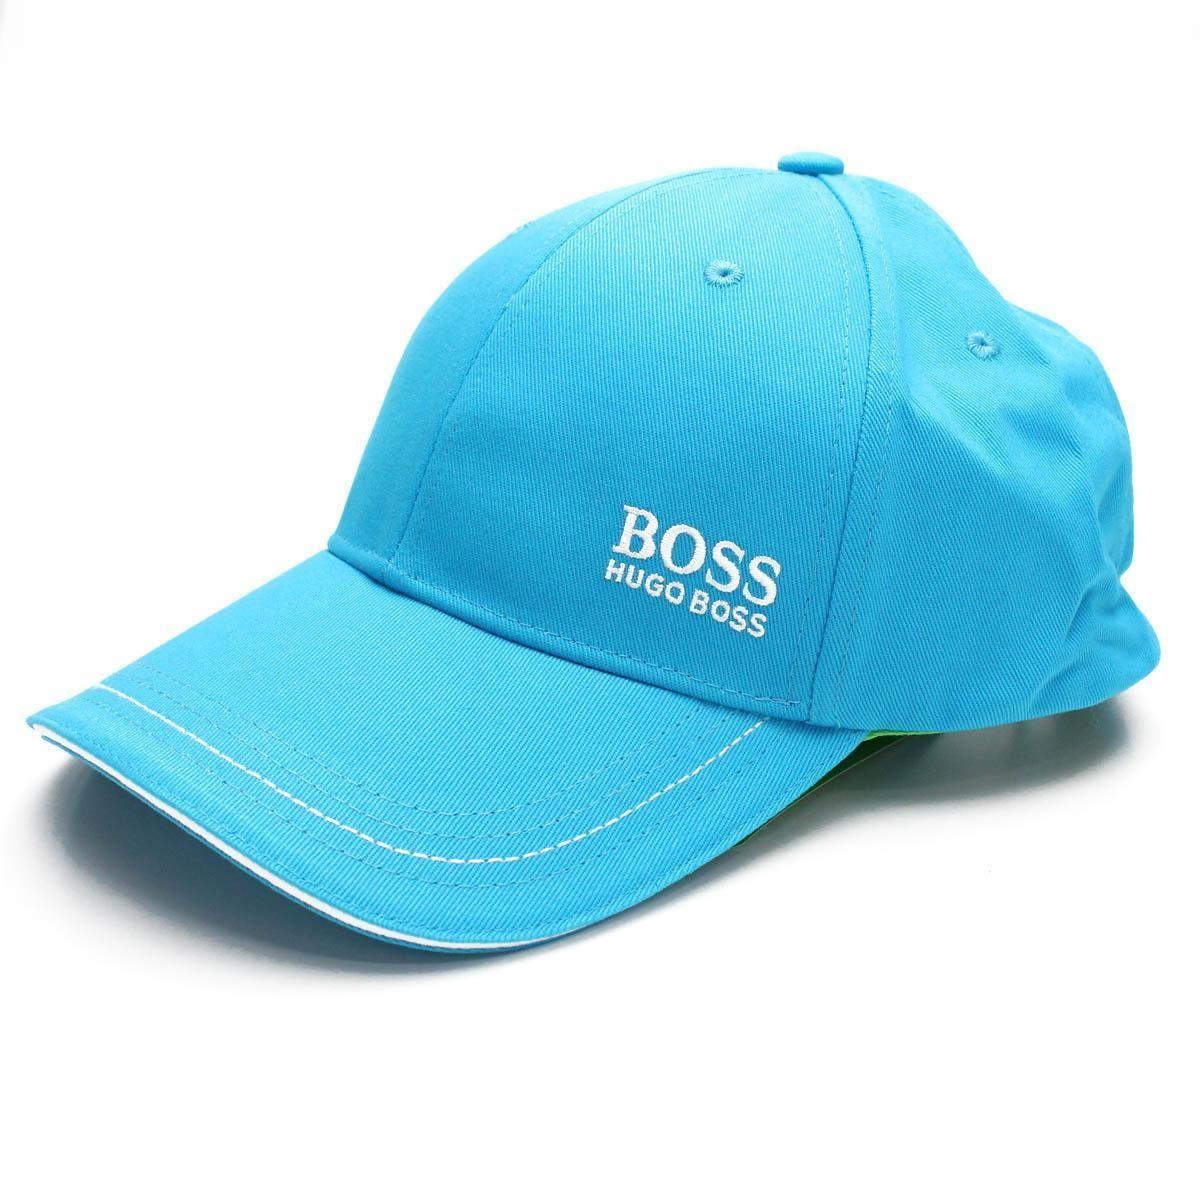 ヒューゴ・ボス (HUGO BOSS) CAP 1 キャップ